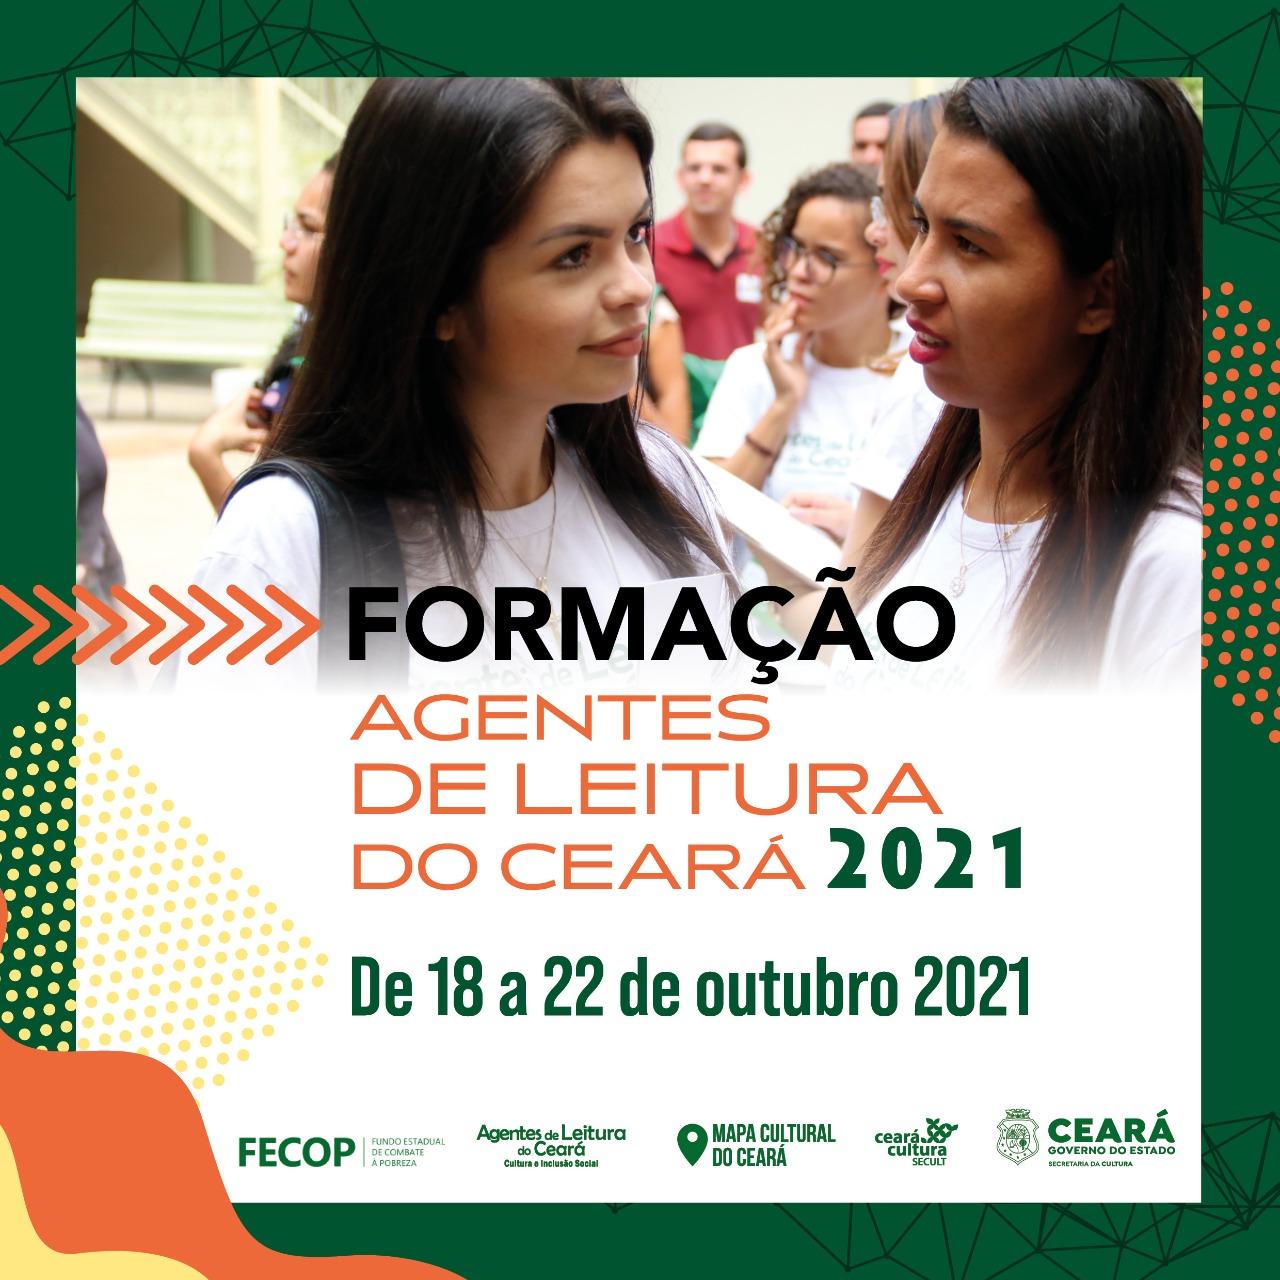 Agentes de Leitura do Ceará 2021: Secult CE promove formação para jovens de 18 a 22/10